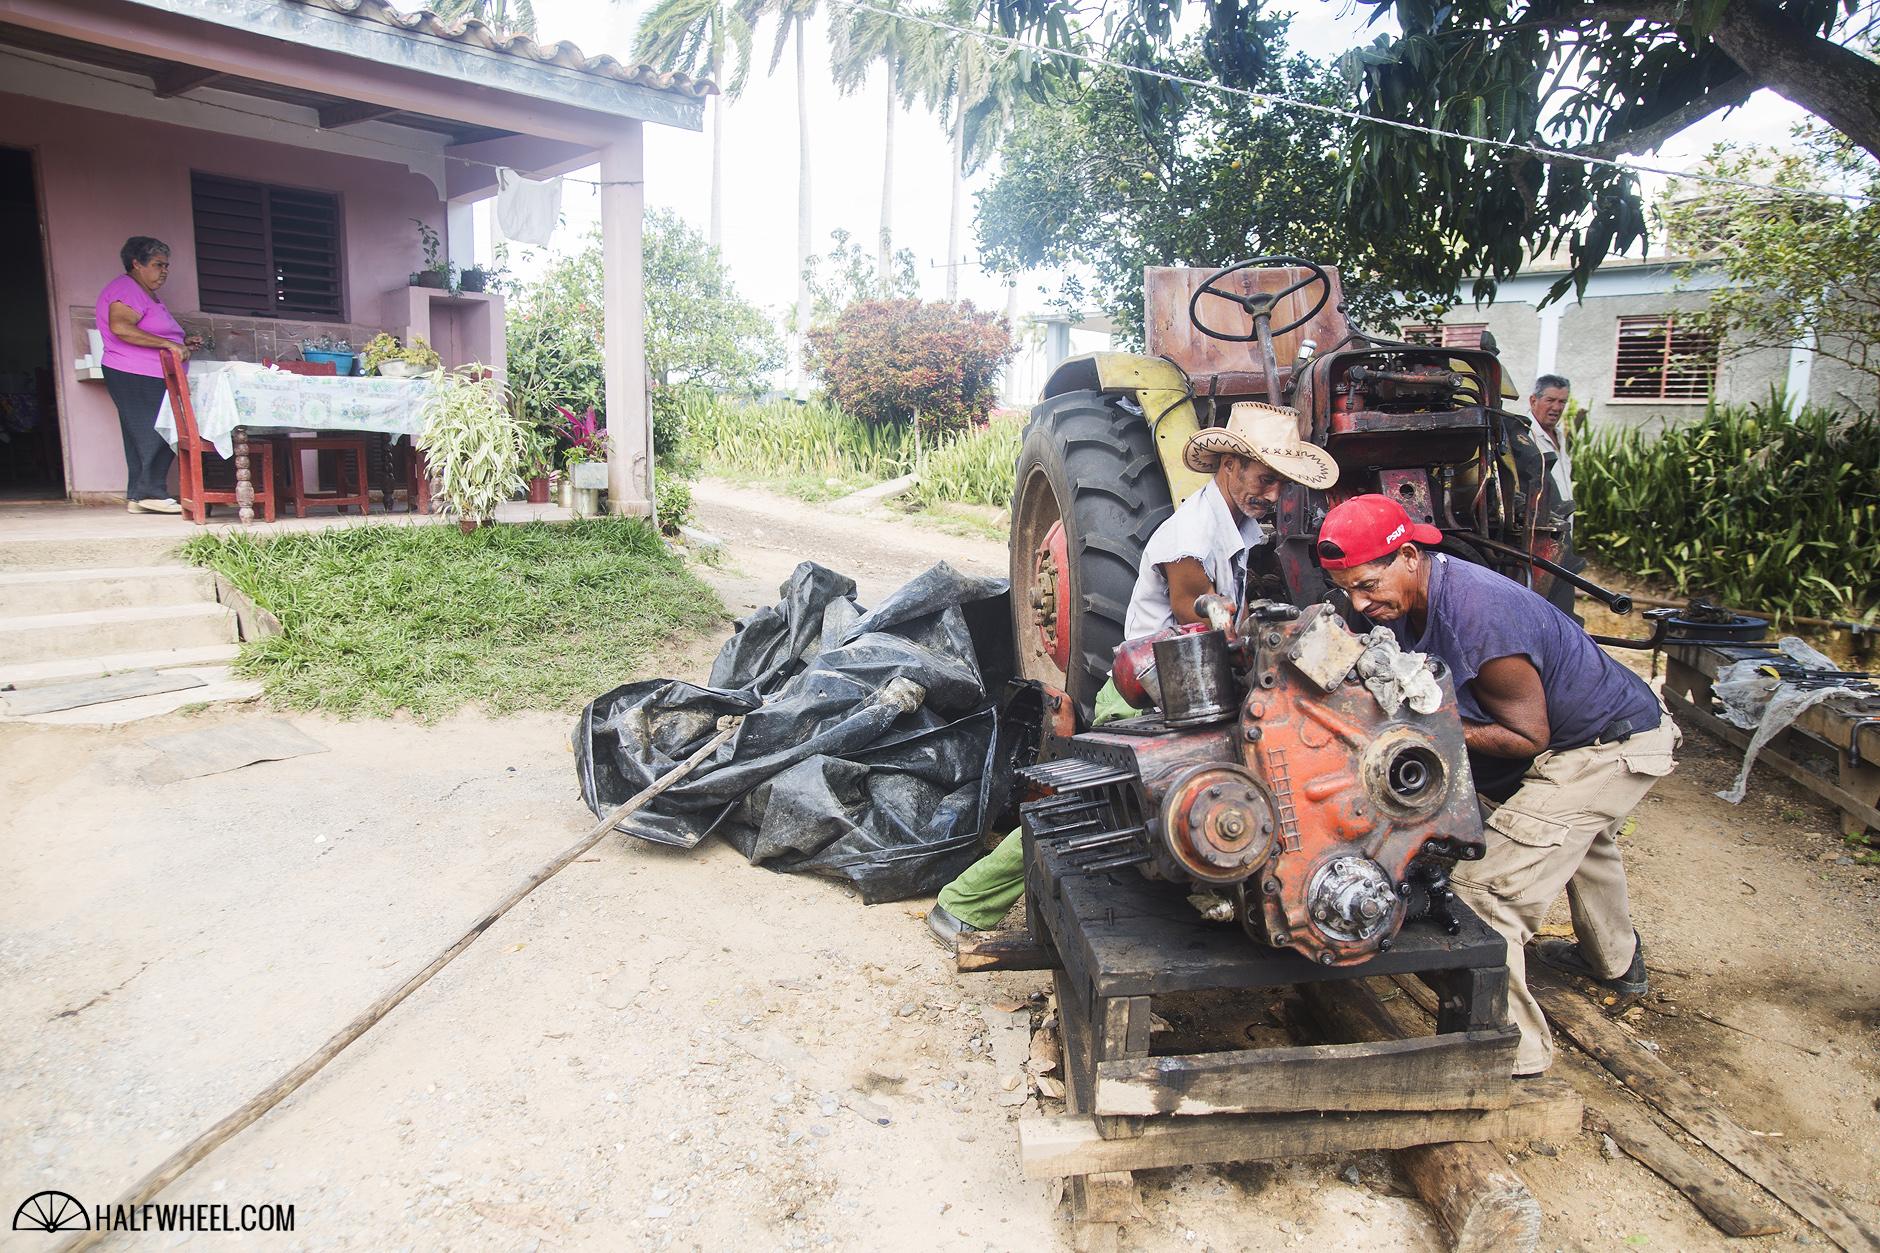 Cuban motor